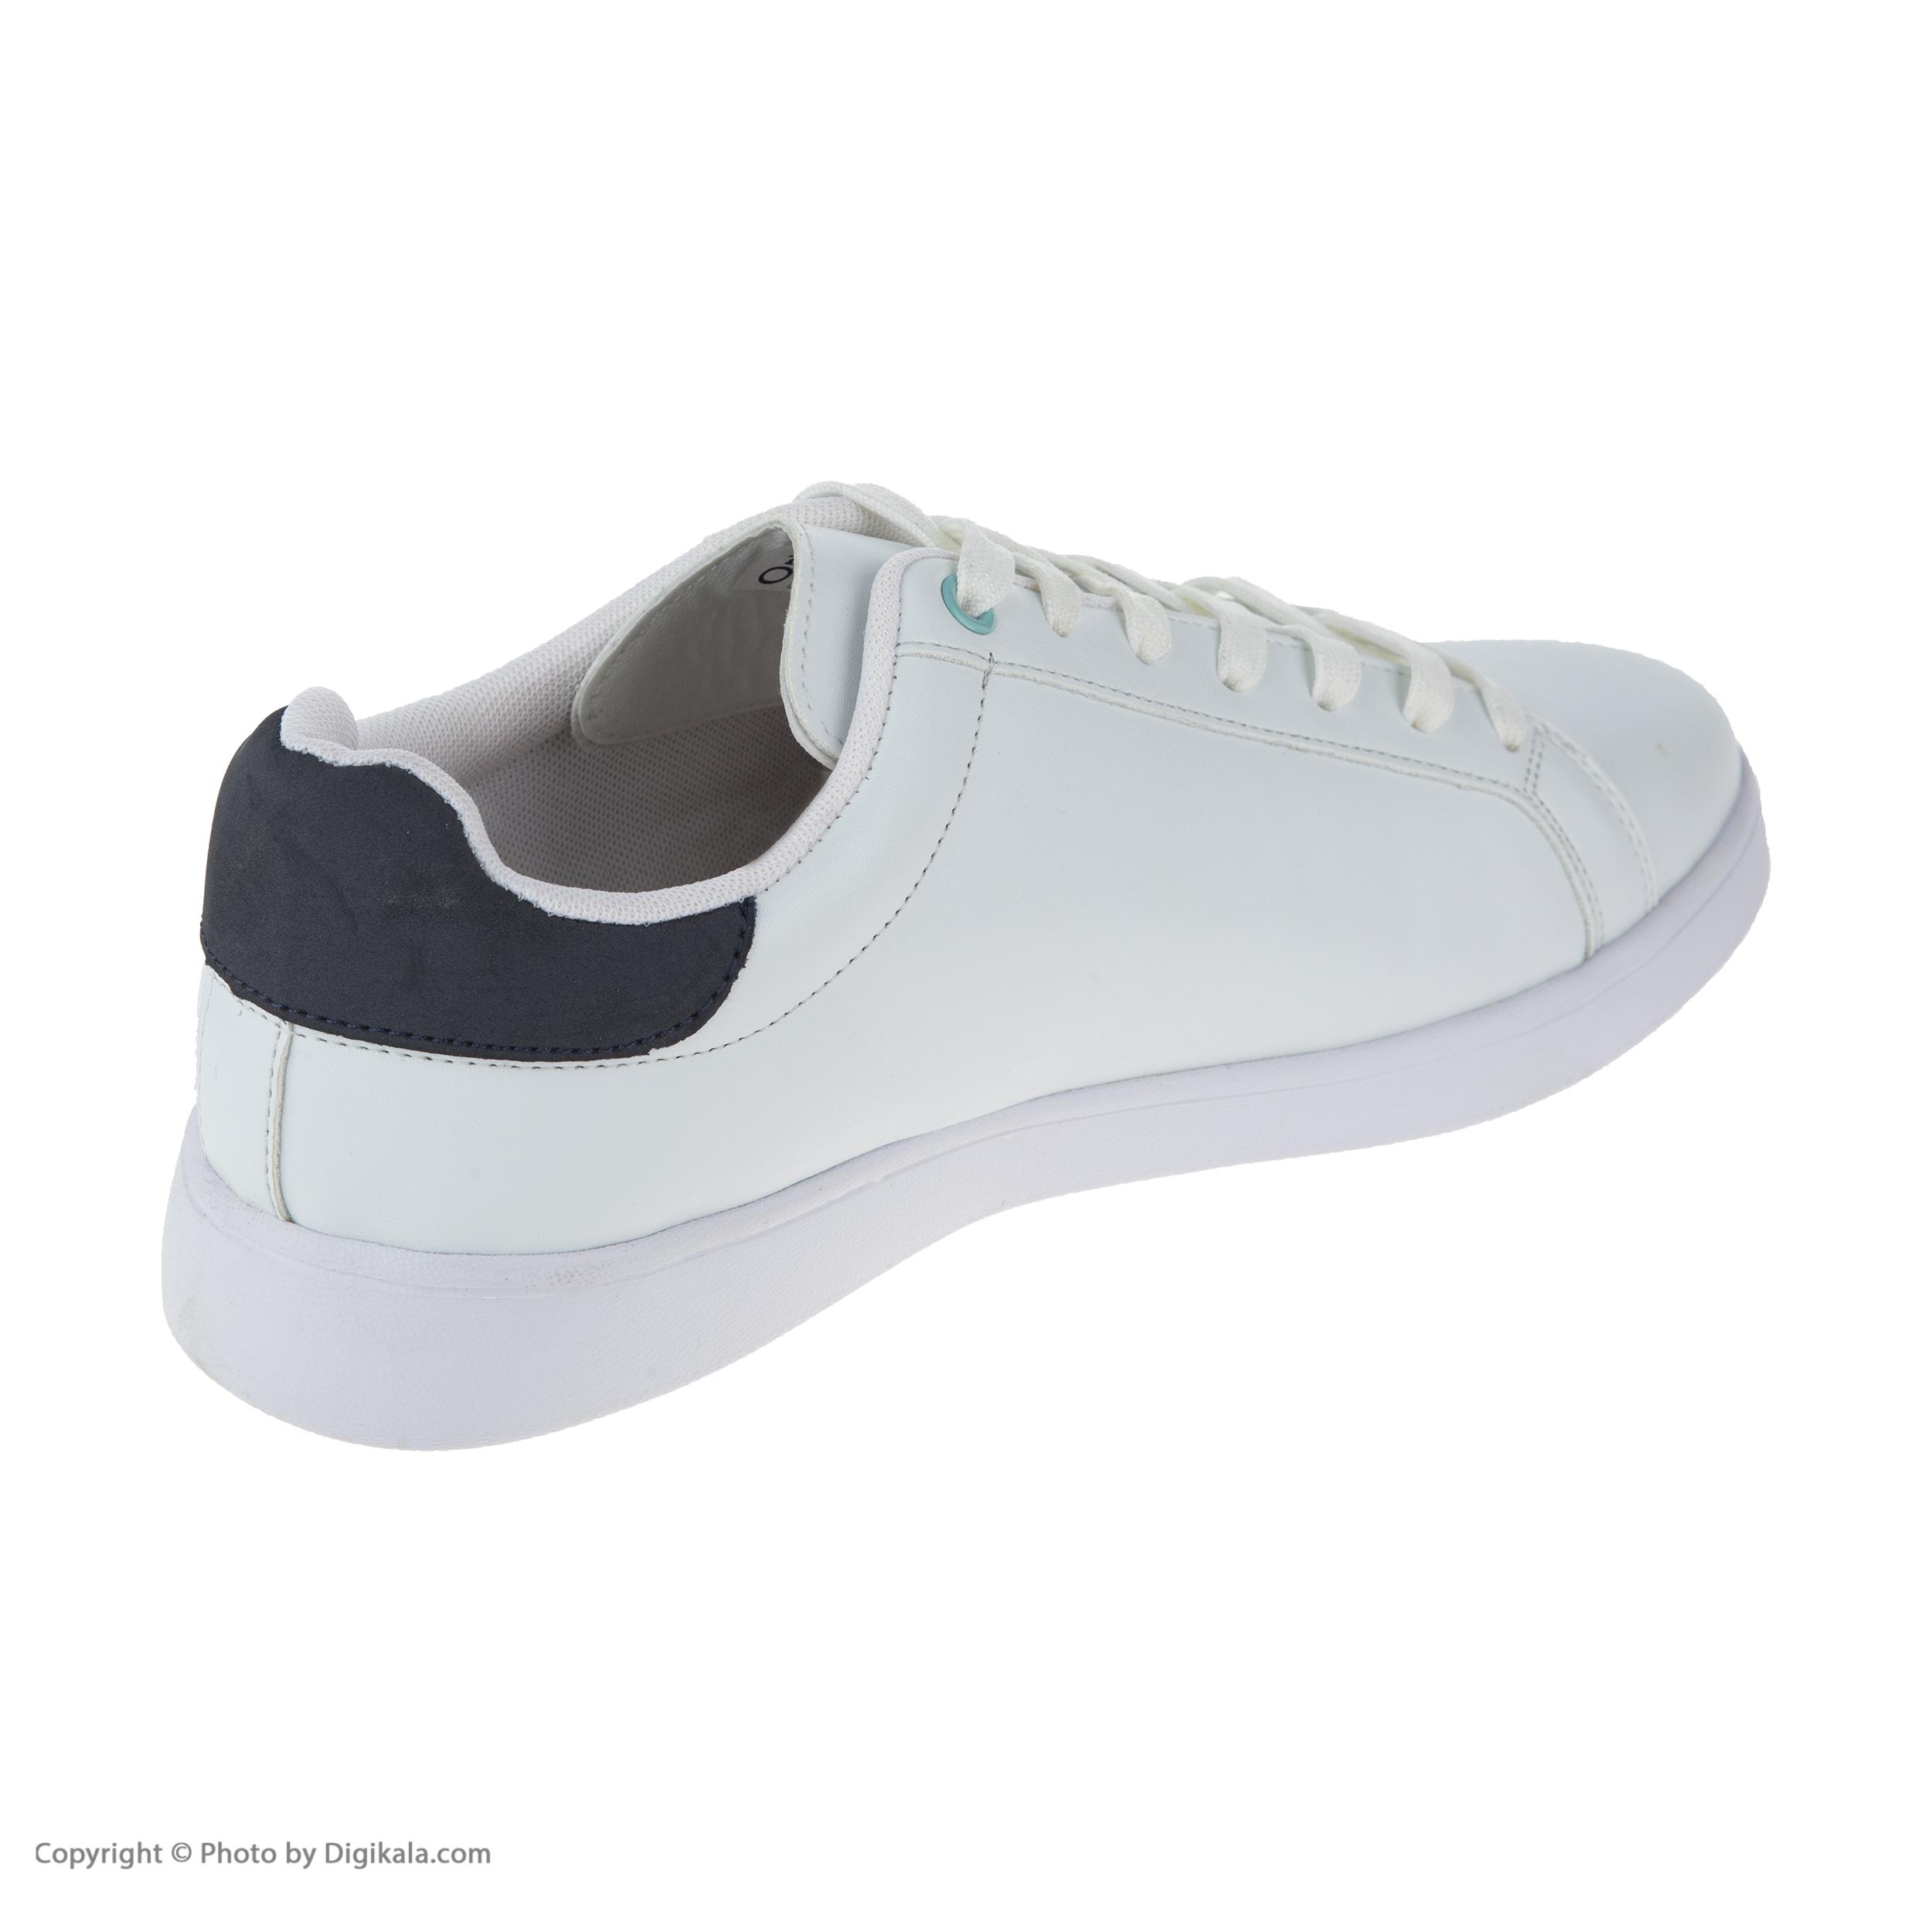 کفش راحتی مردانه آر ان اس مدل 142001-01 -  - 6